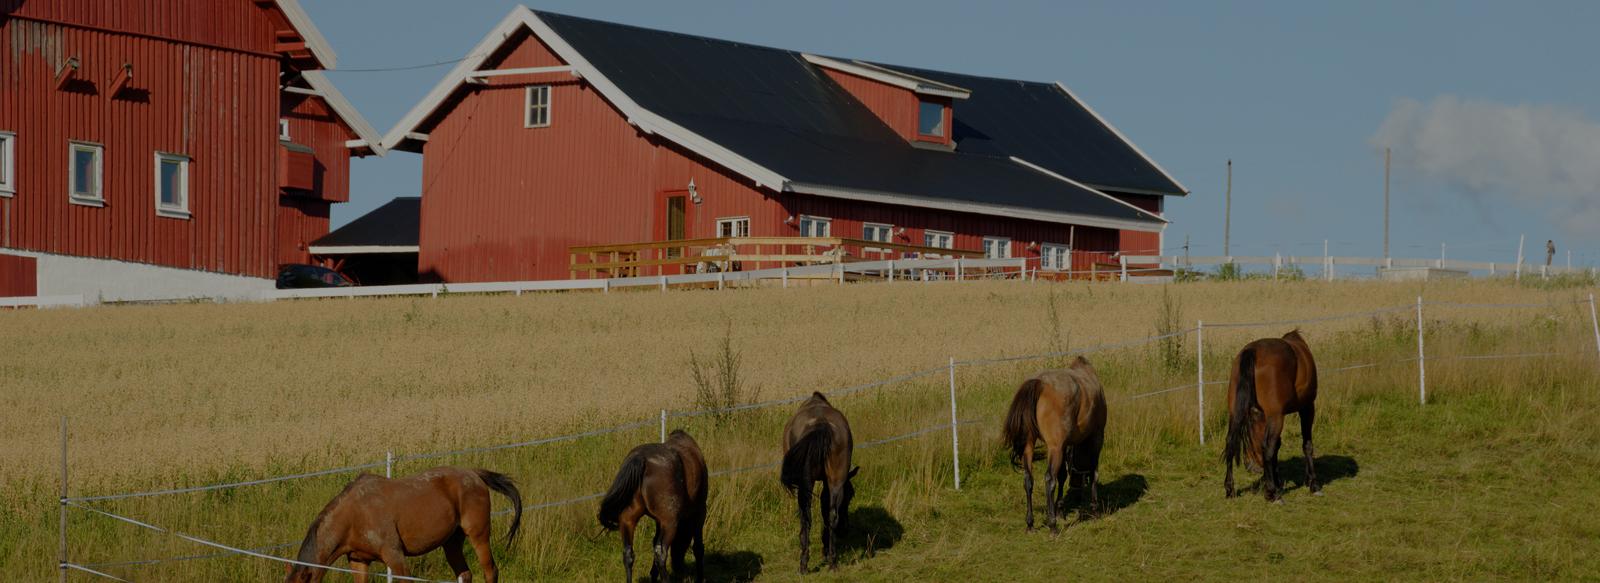 Spécialiste de l'Immobilier Equestre